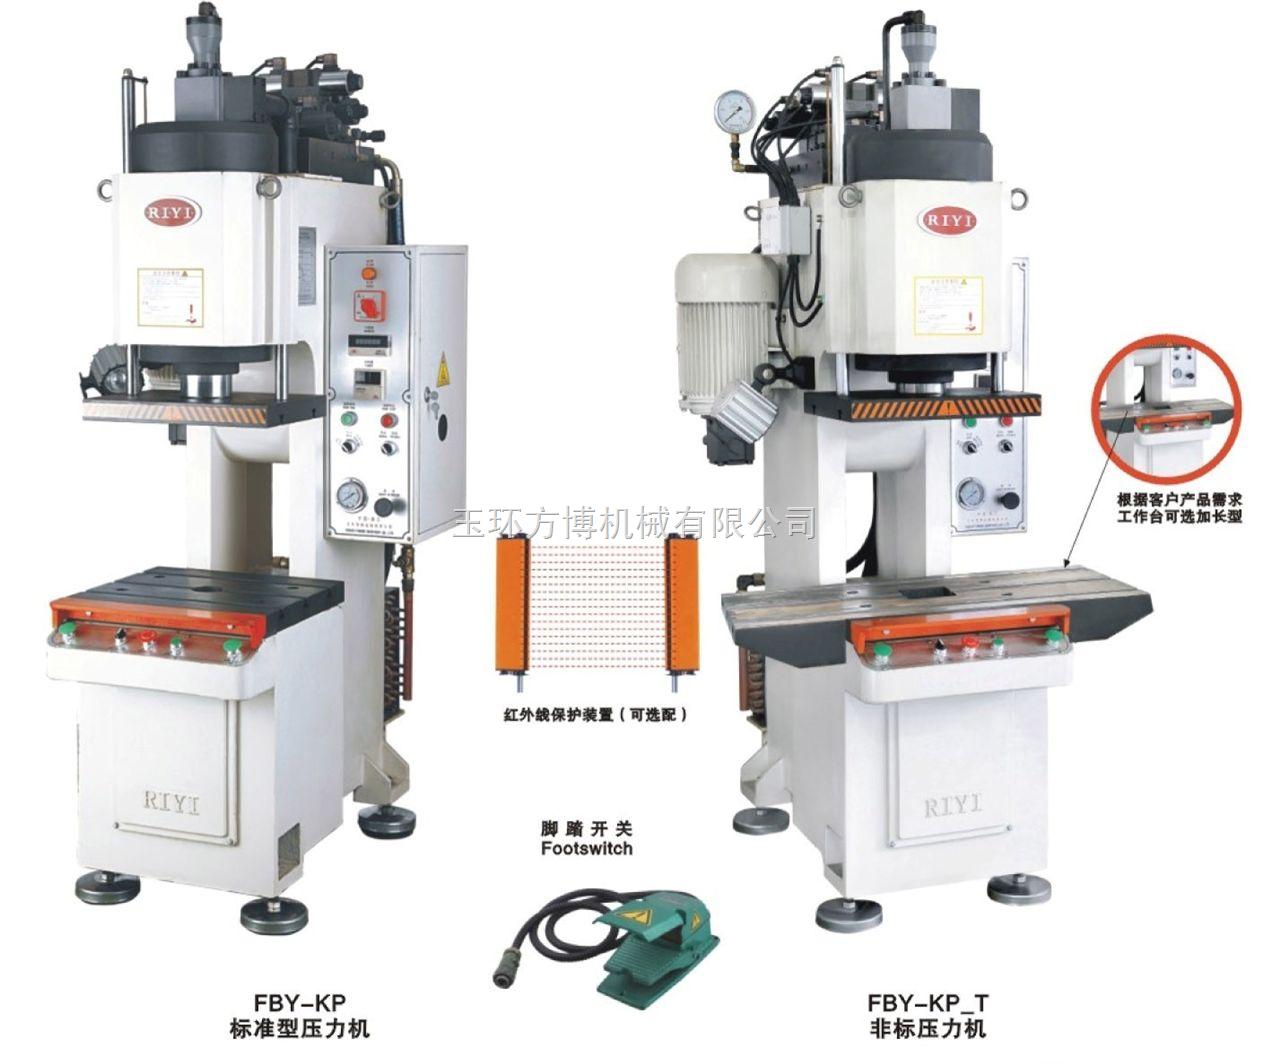 产品库 锻压机床 液压机 单柱液压机 fby-kp20 液压机 小型液压机 20t图片